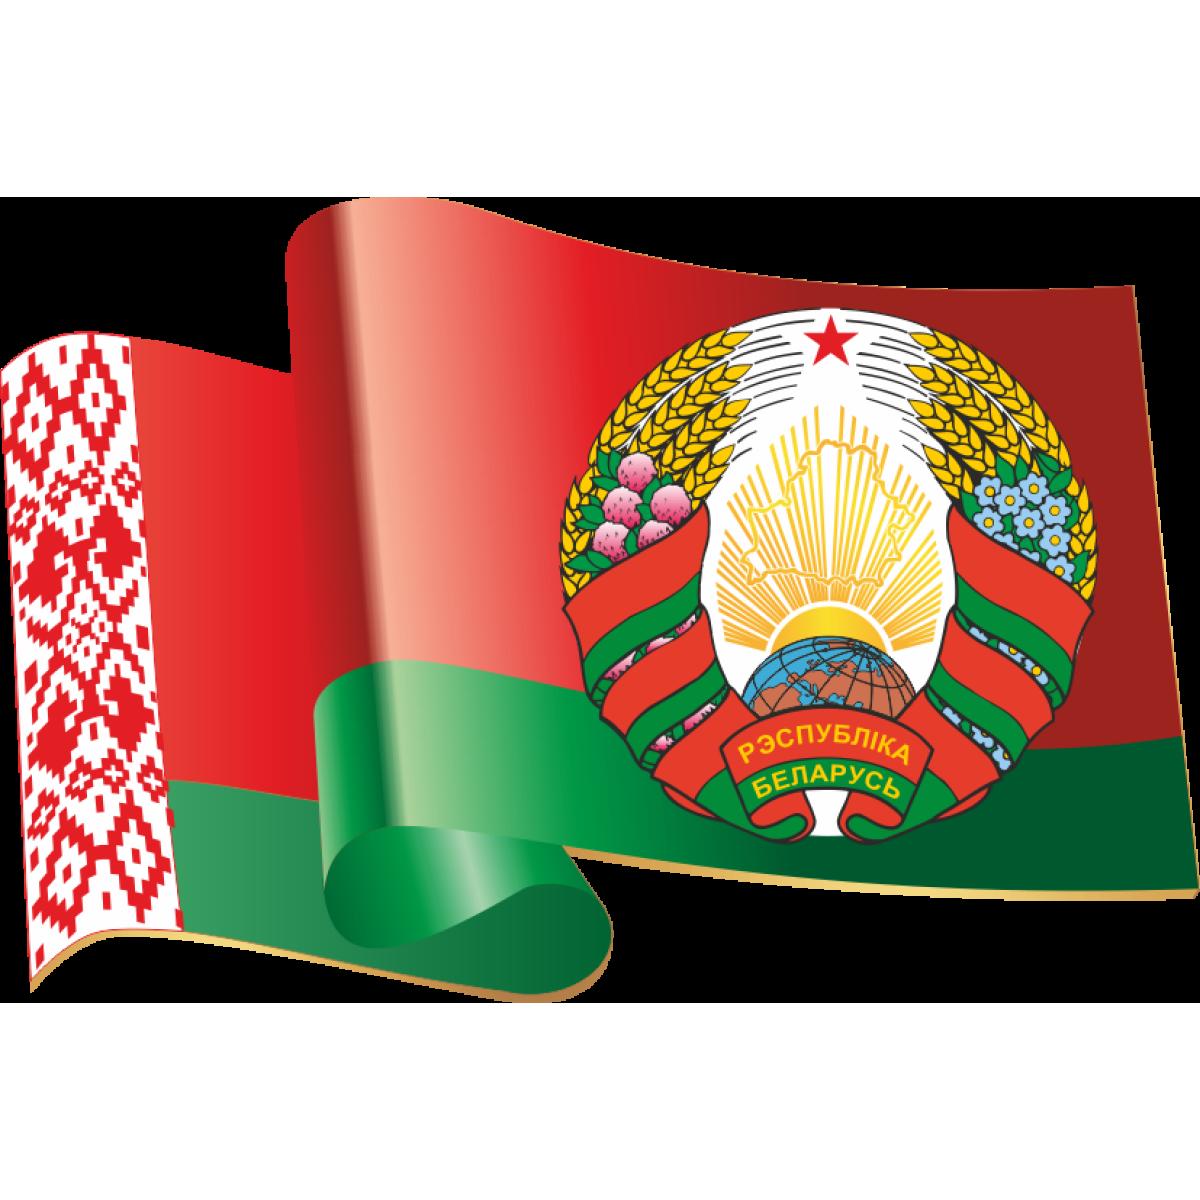 4420 Фигурная форма государственный флаг и государственный герб Республики  Беларусь (3572) купить в Минске, цена